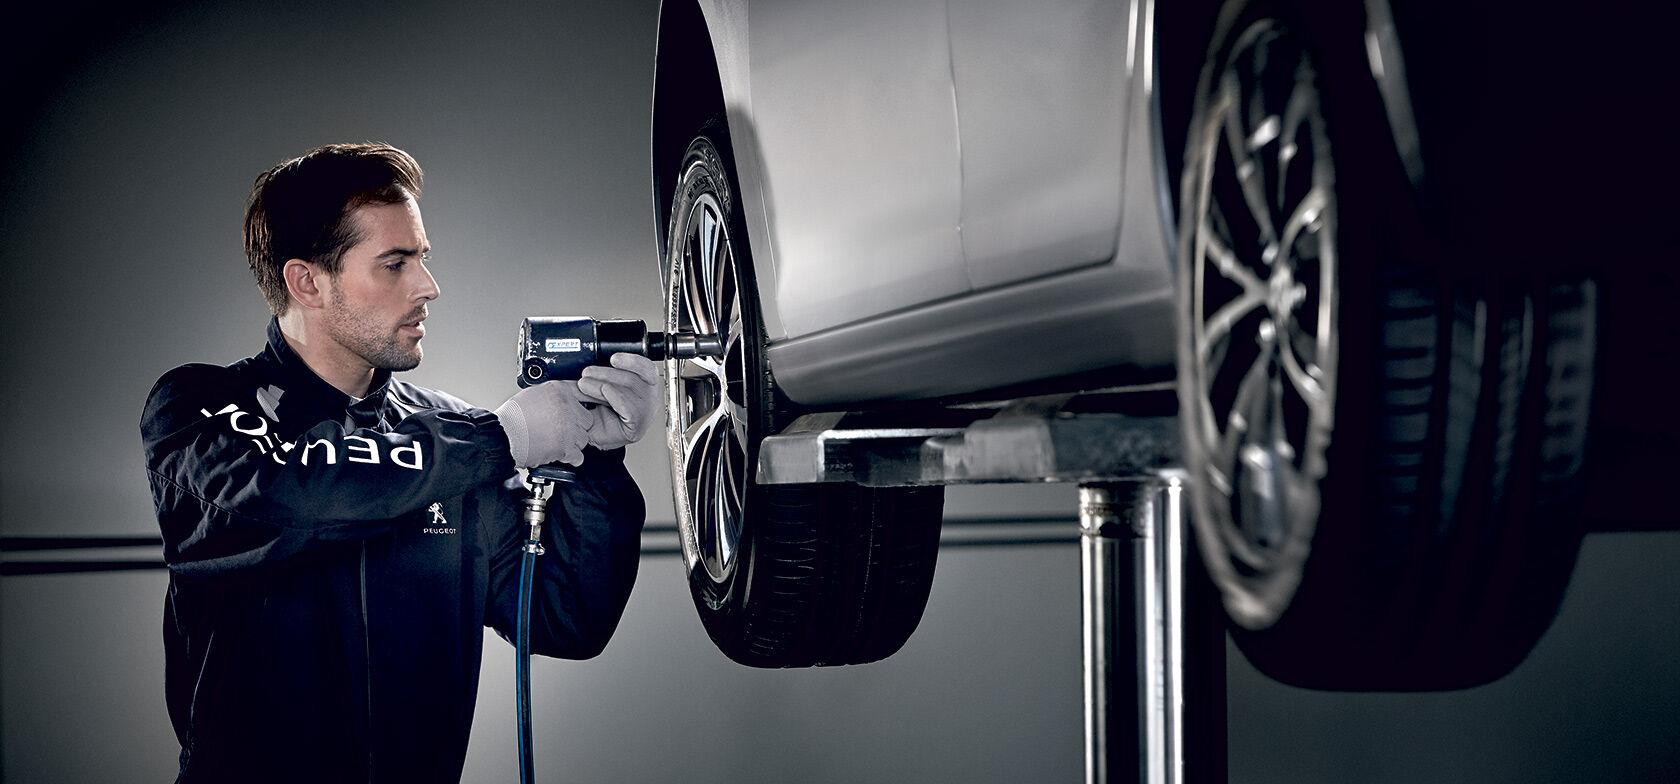 Valtuutettu Peugeot-merkkihuolto